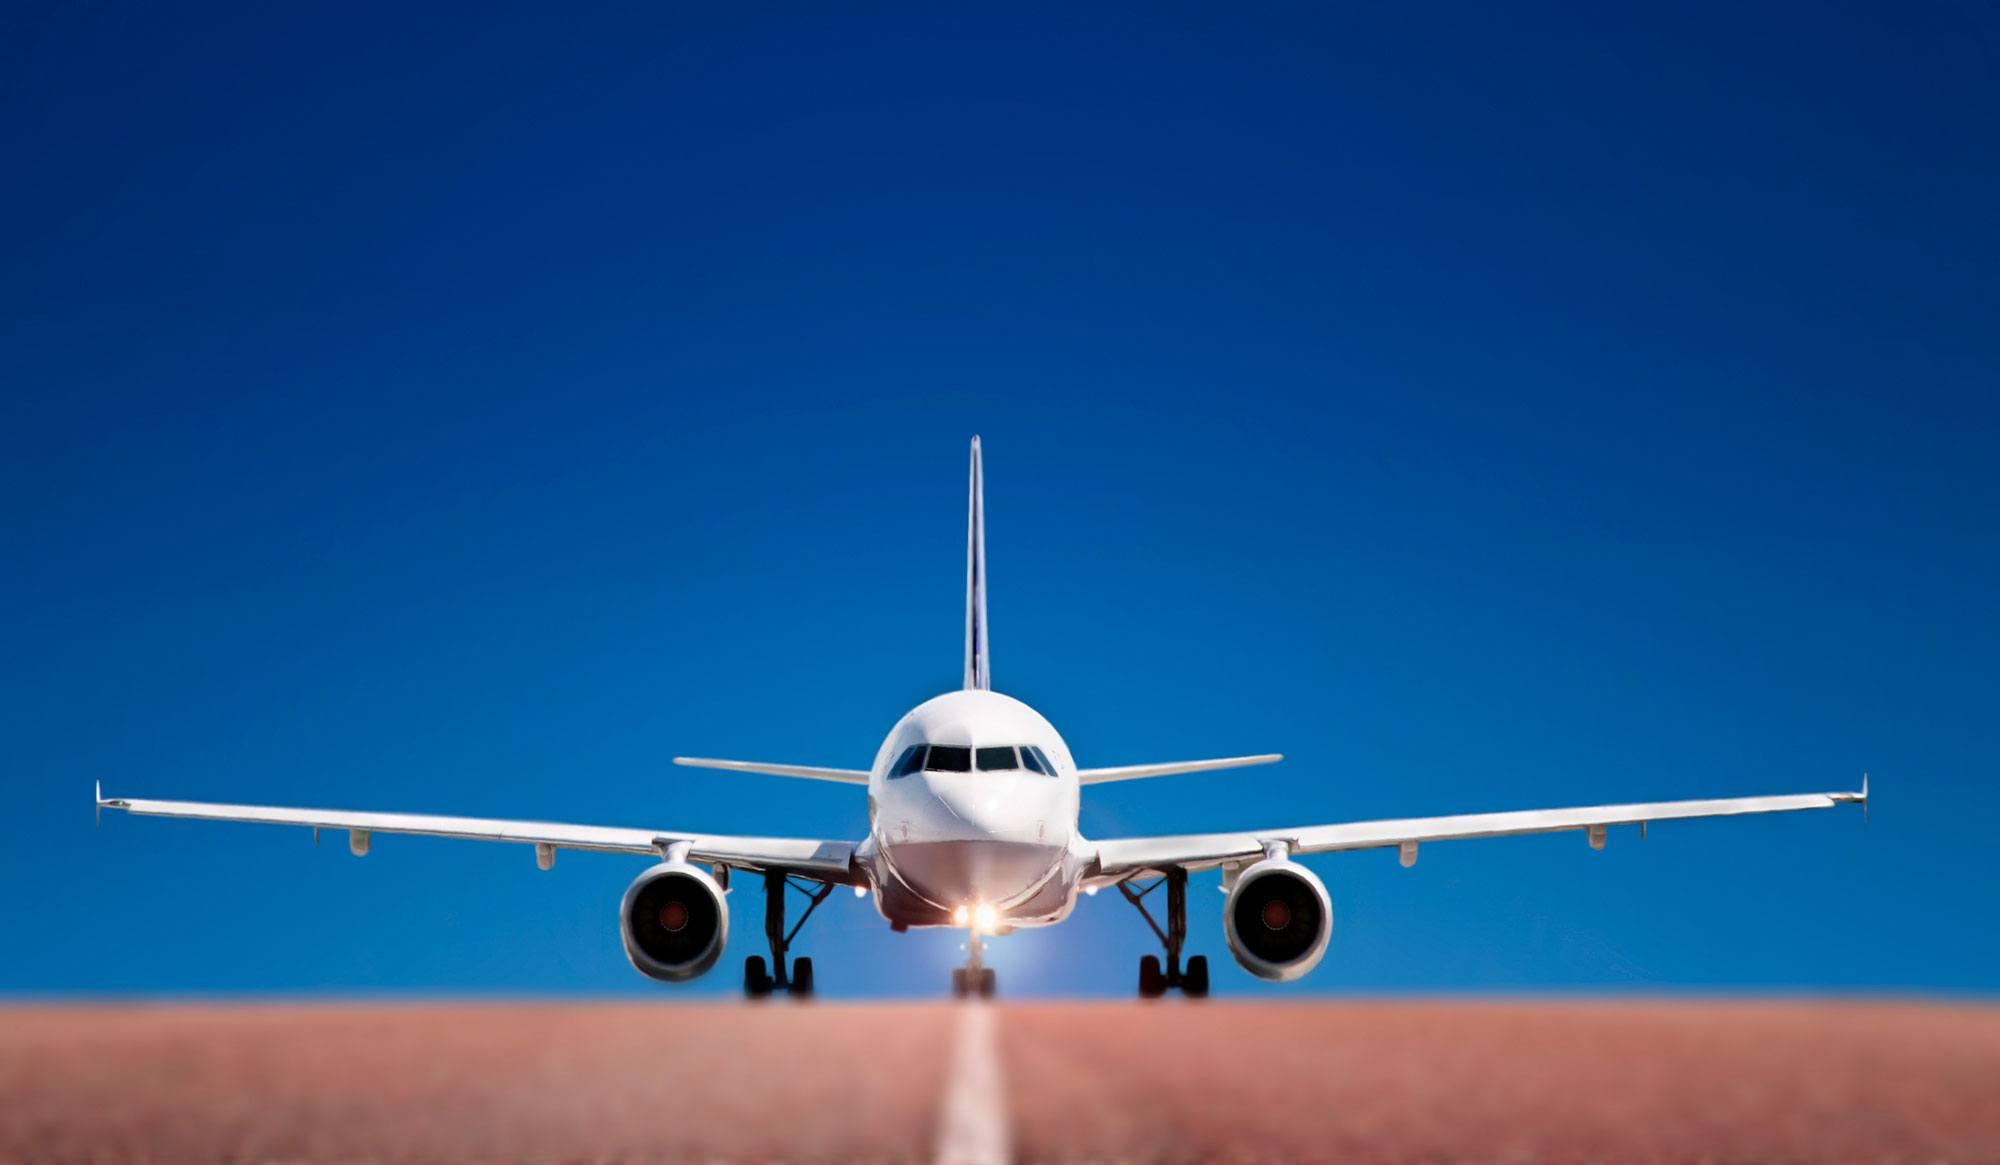 Fototapeten: Avión